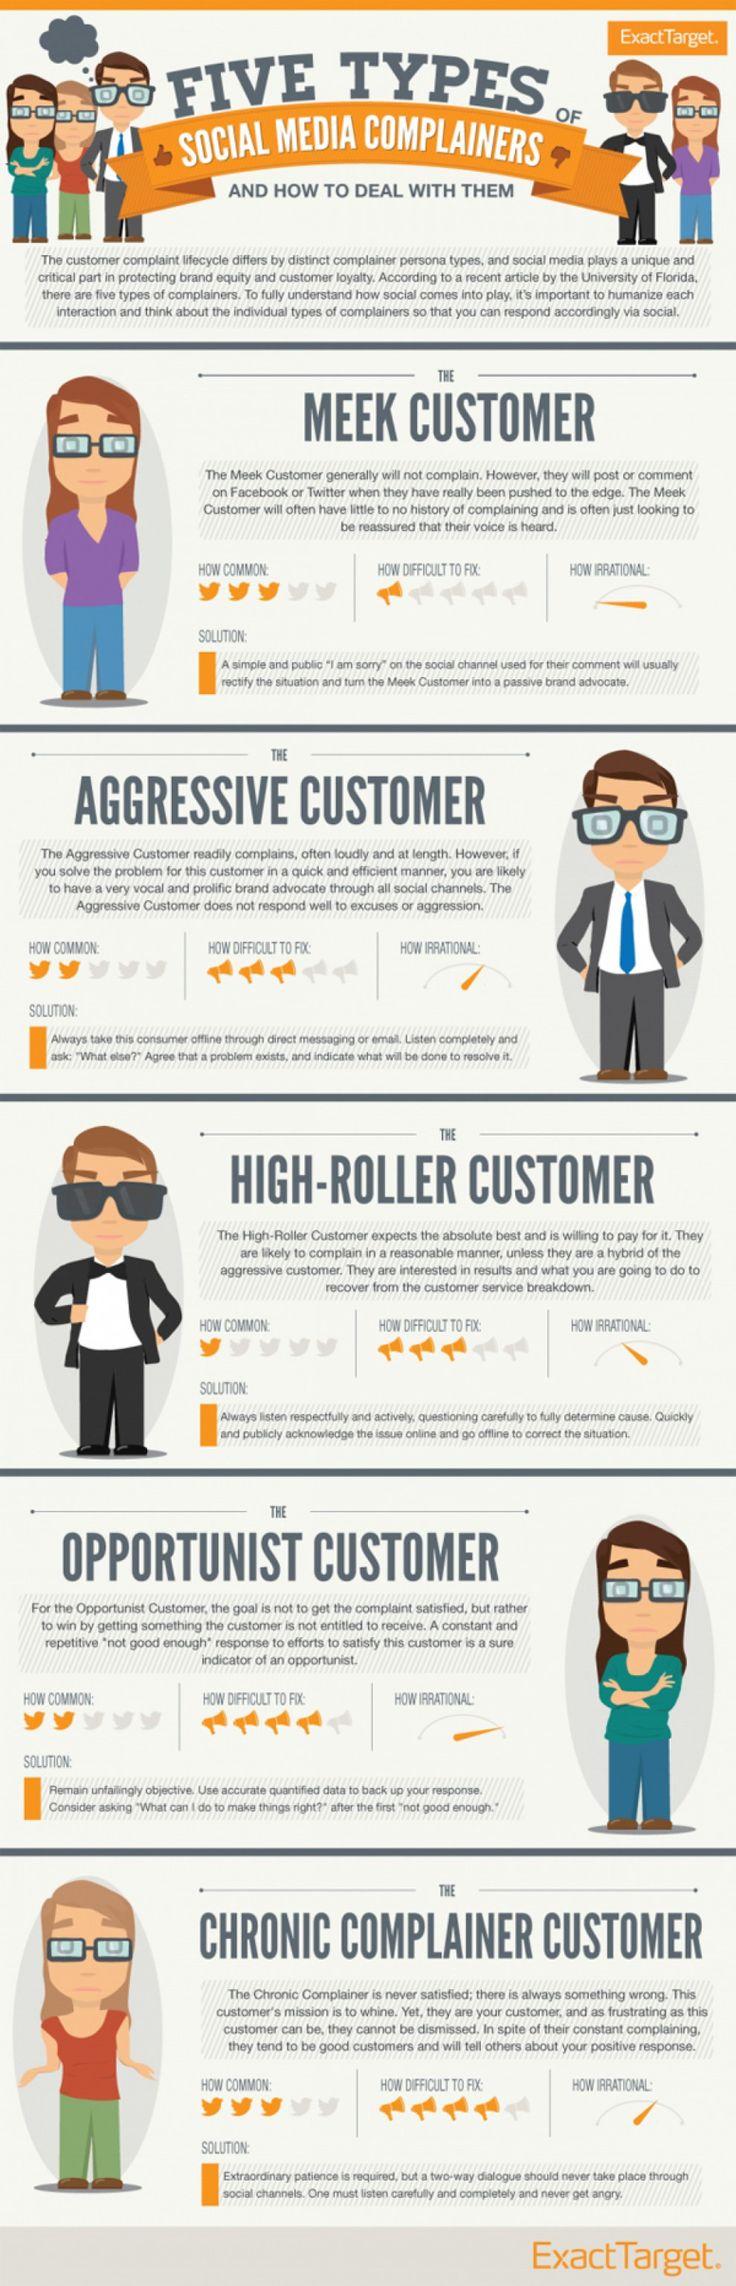 Les râleurs professionnels sur les réseaux sociaux et comment les gérer :-)